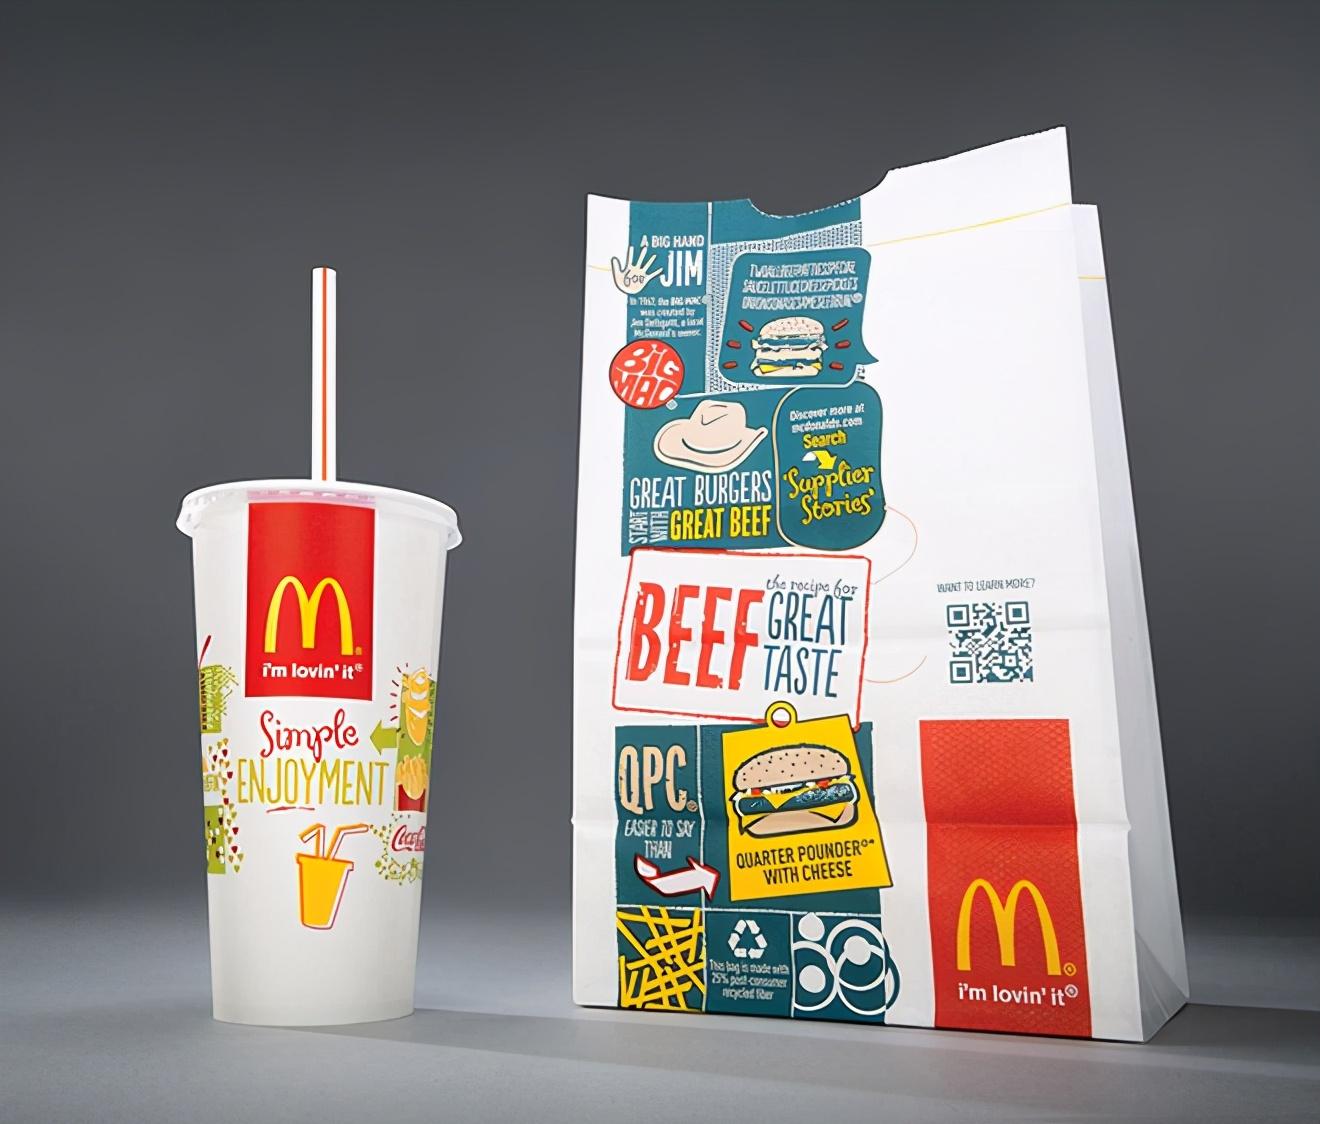 麦当劳突然宣布更换全新包装!这还是你认识的金拱门吗? 消费与科技 第19张